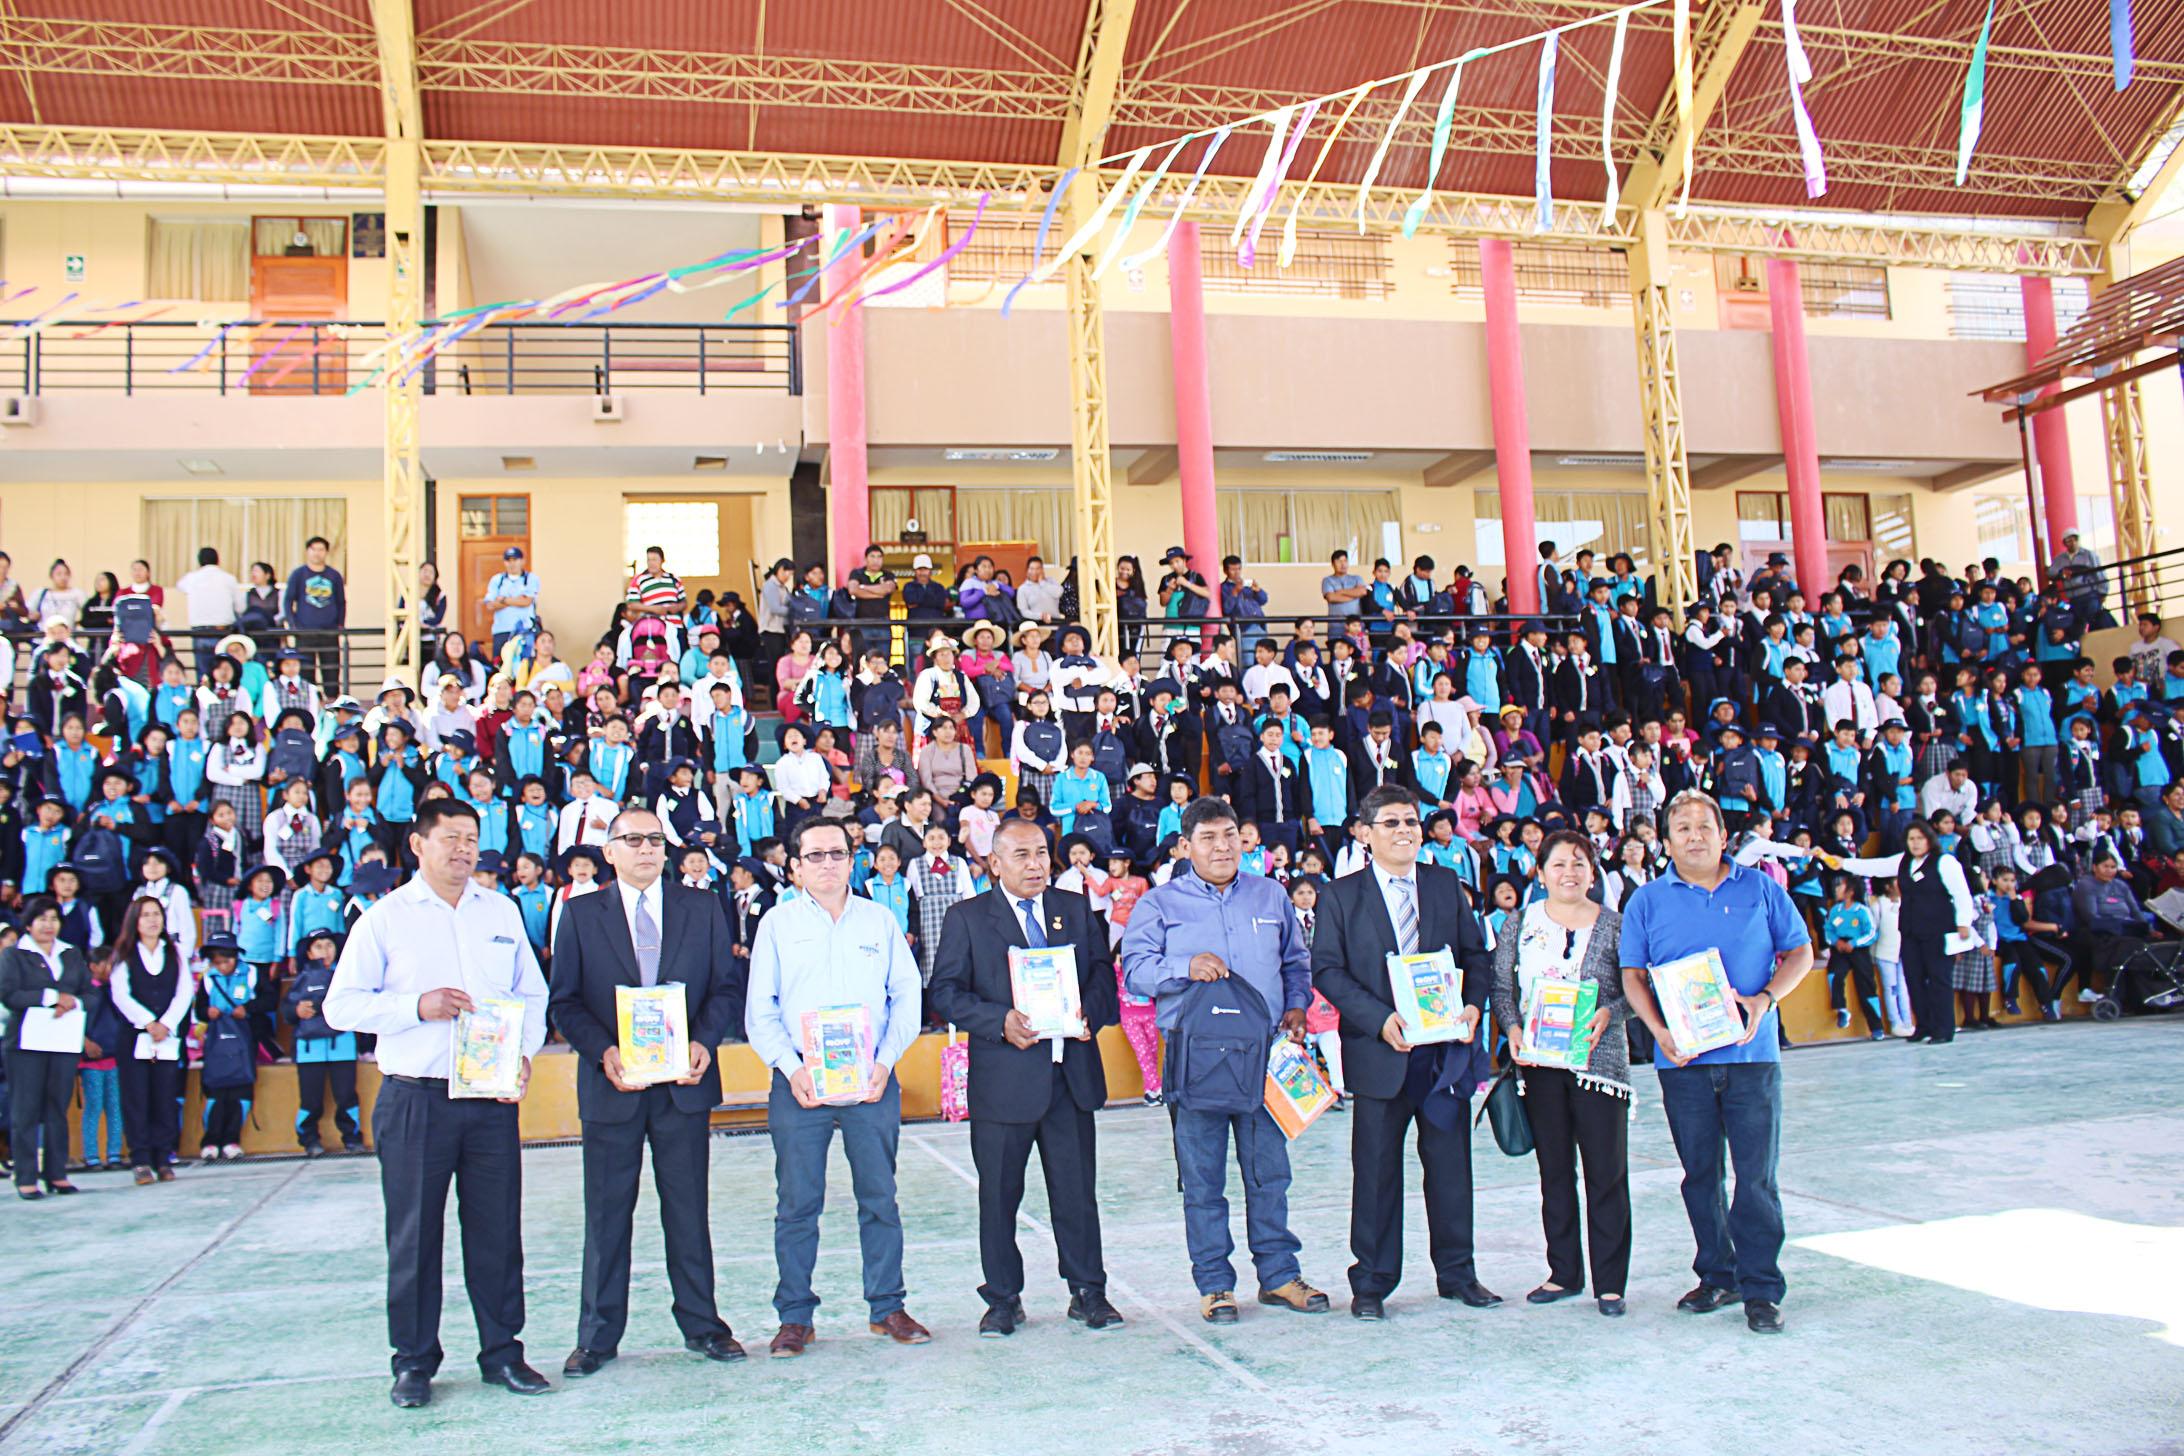 MUNICIPALIDAD ENTREGA KITS ESCOLARES EN INSTITUCIONES EDUCATIVAS PARA UN BUEN INICIO DEL AÑO ESCOLAR EN TORATA